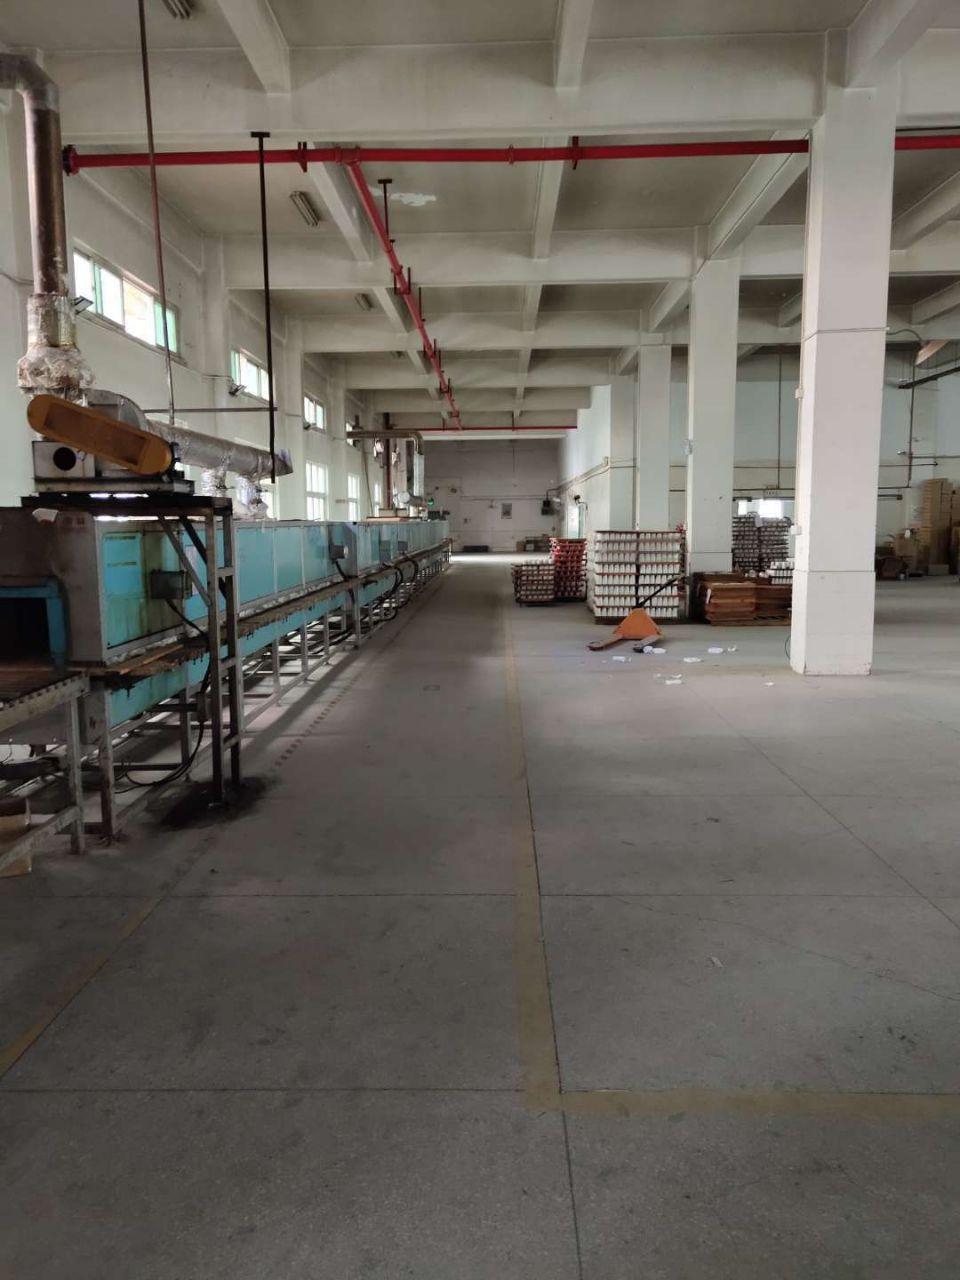 观澜环观南路边大型工业园内一楼厂房出租1600平米,层高6米-图2